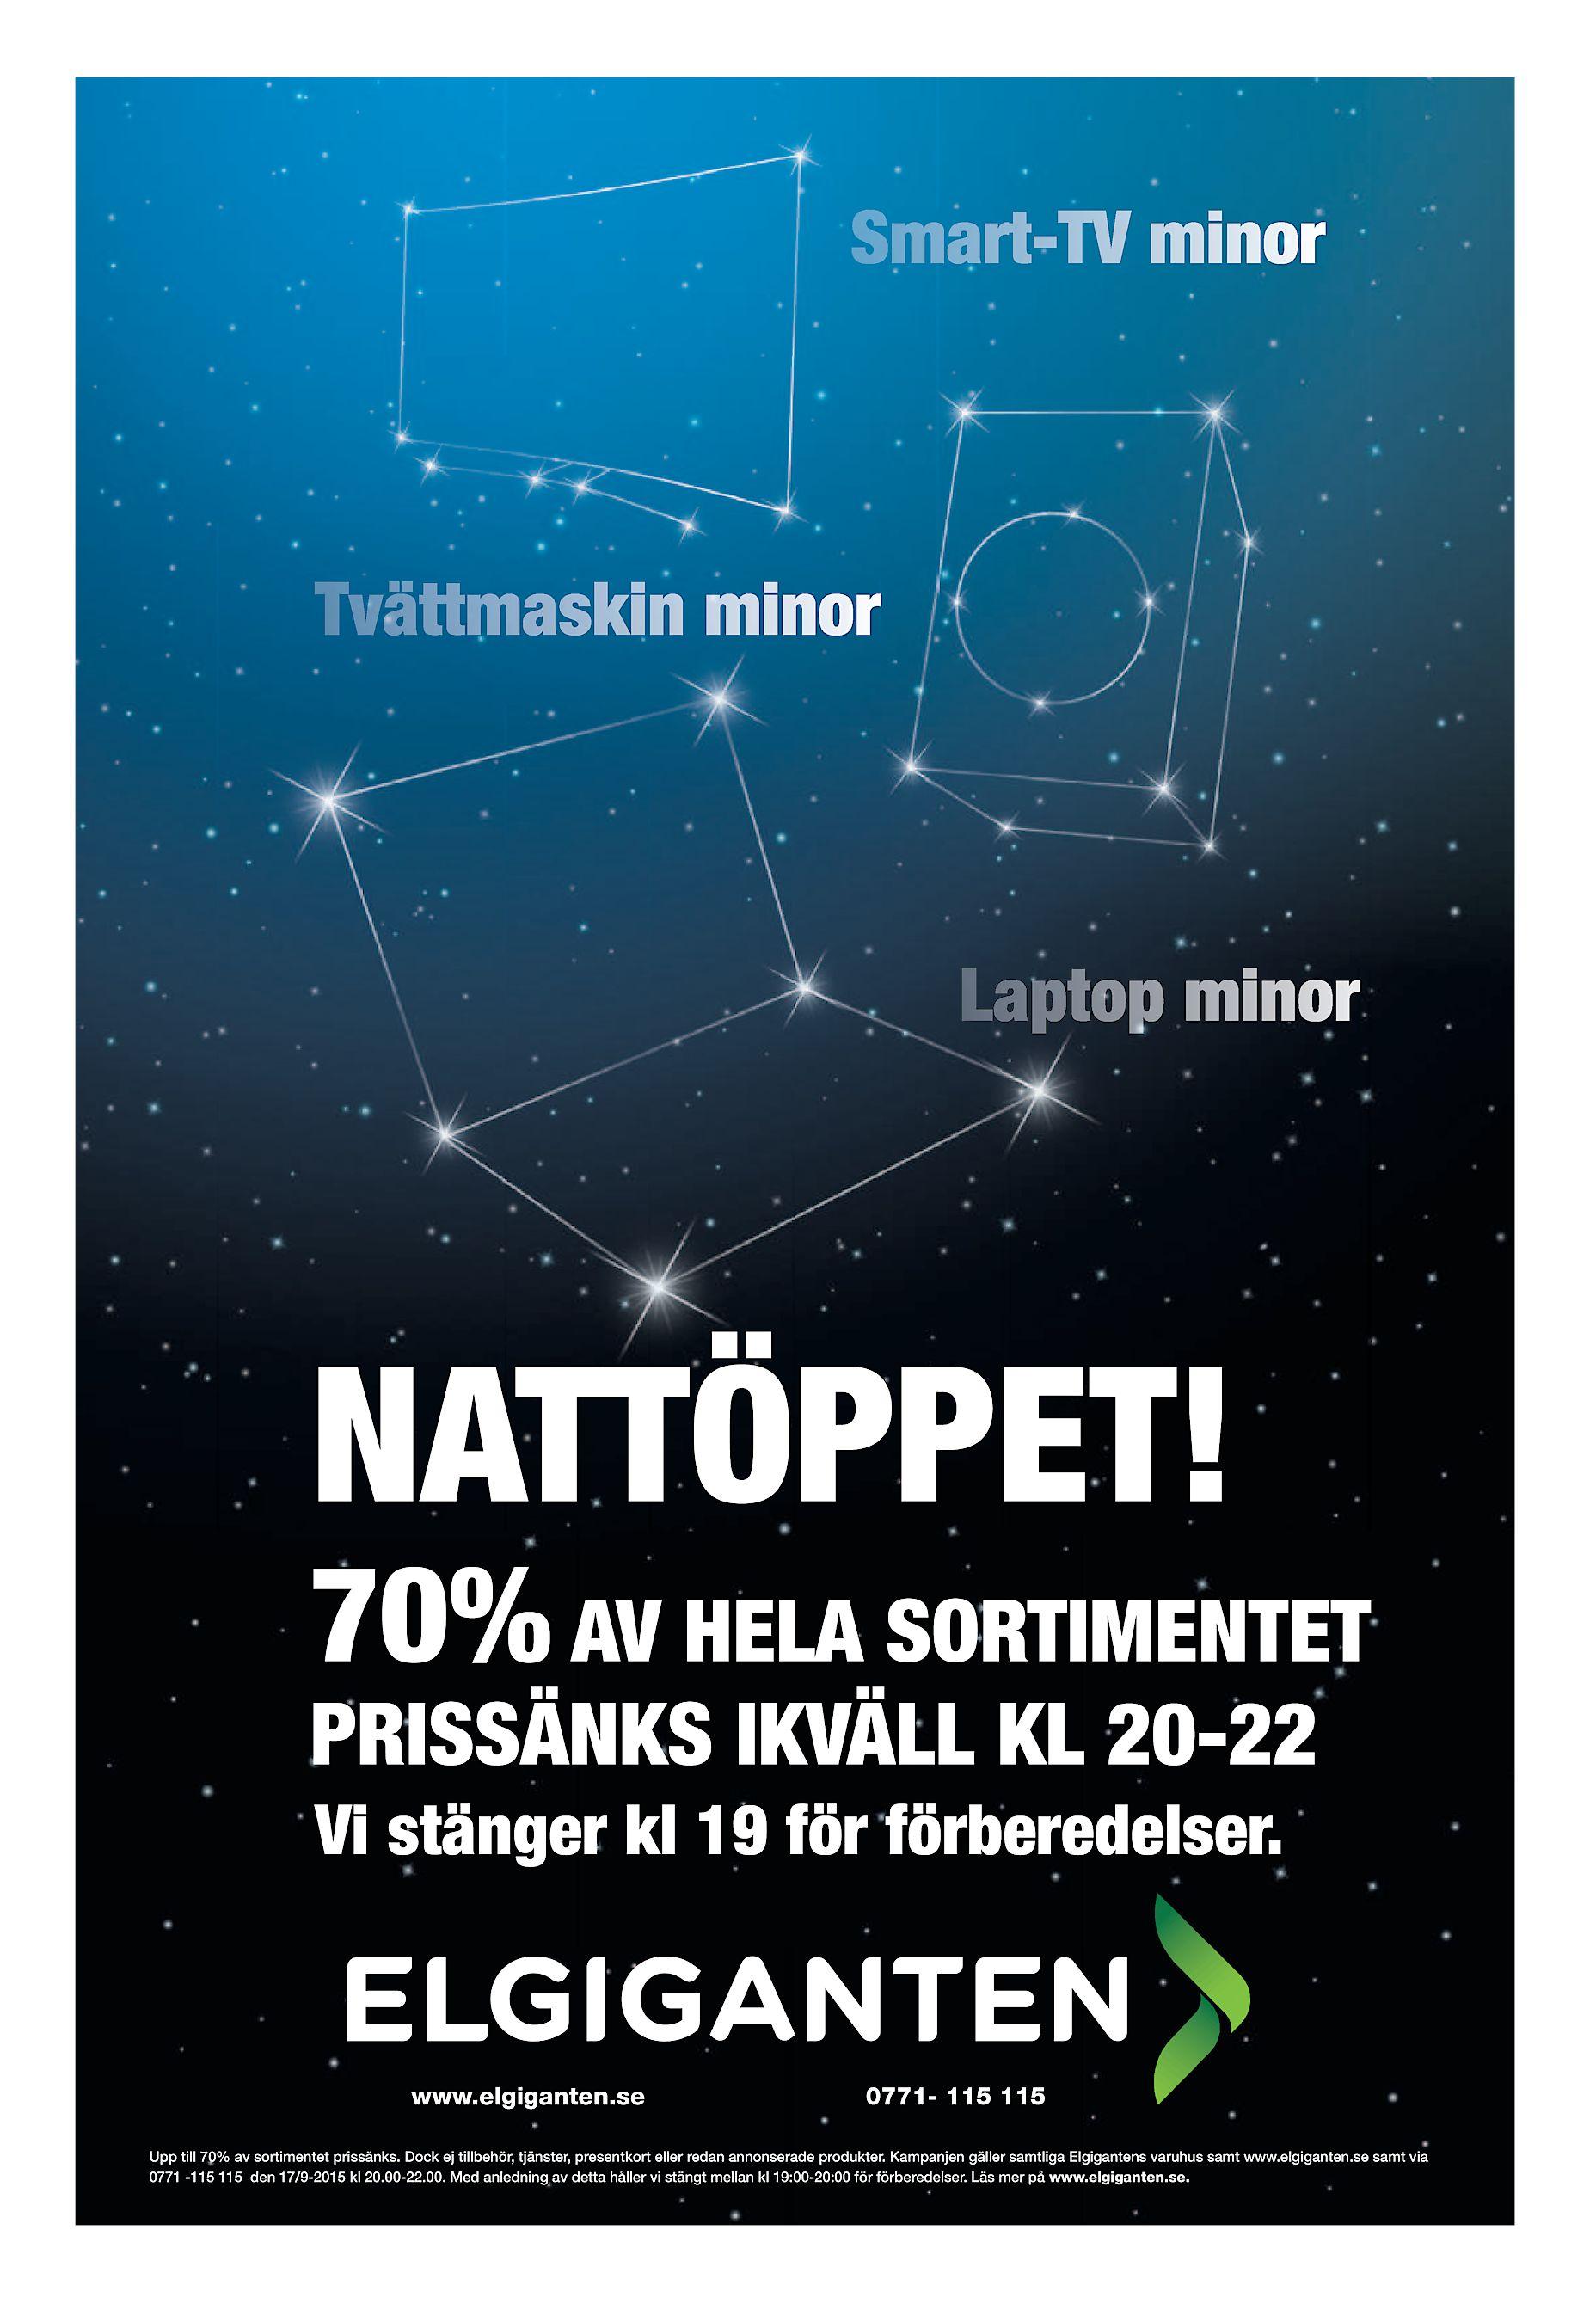 0f13ffef7192 70% AV HELA SORTIMENTET PRISSÄNKS IKVÄLL KL 20-22 Vi stänger kl 19 för  förberedelser. www.elgiganten.se 0771- 115 115 Upp till 70% av sortimentet  prissänks.